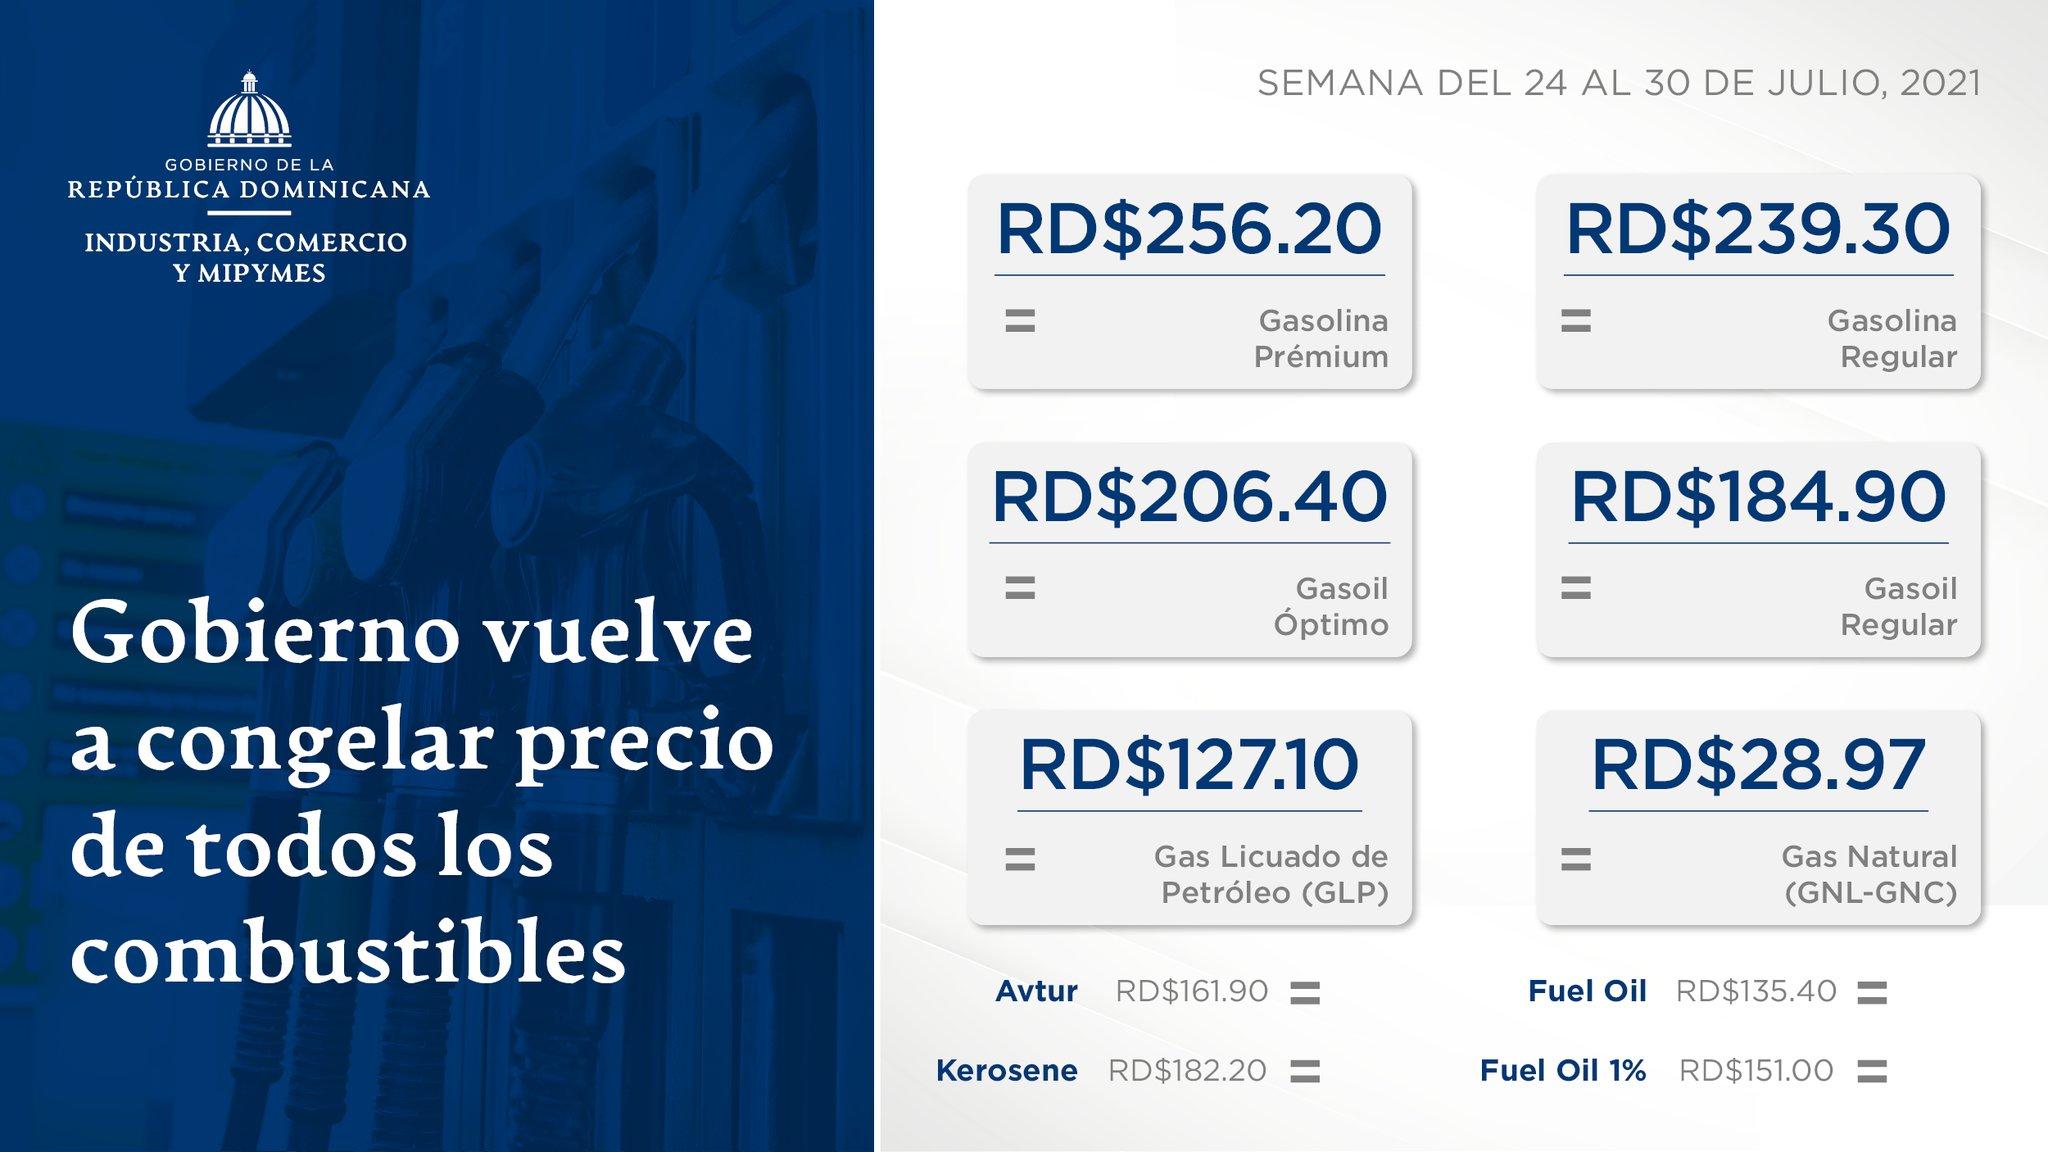 Precios de los combustibles para la semana del 24 al 30 de julio 2021. Billete con signo de dólar La tasa de cambio promedio ponderada por el @bancocentralrd : RD$57.20.